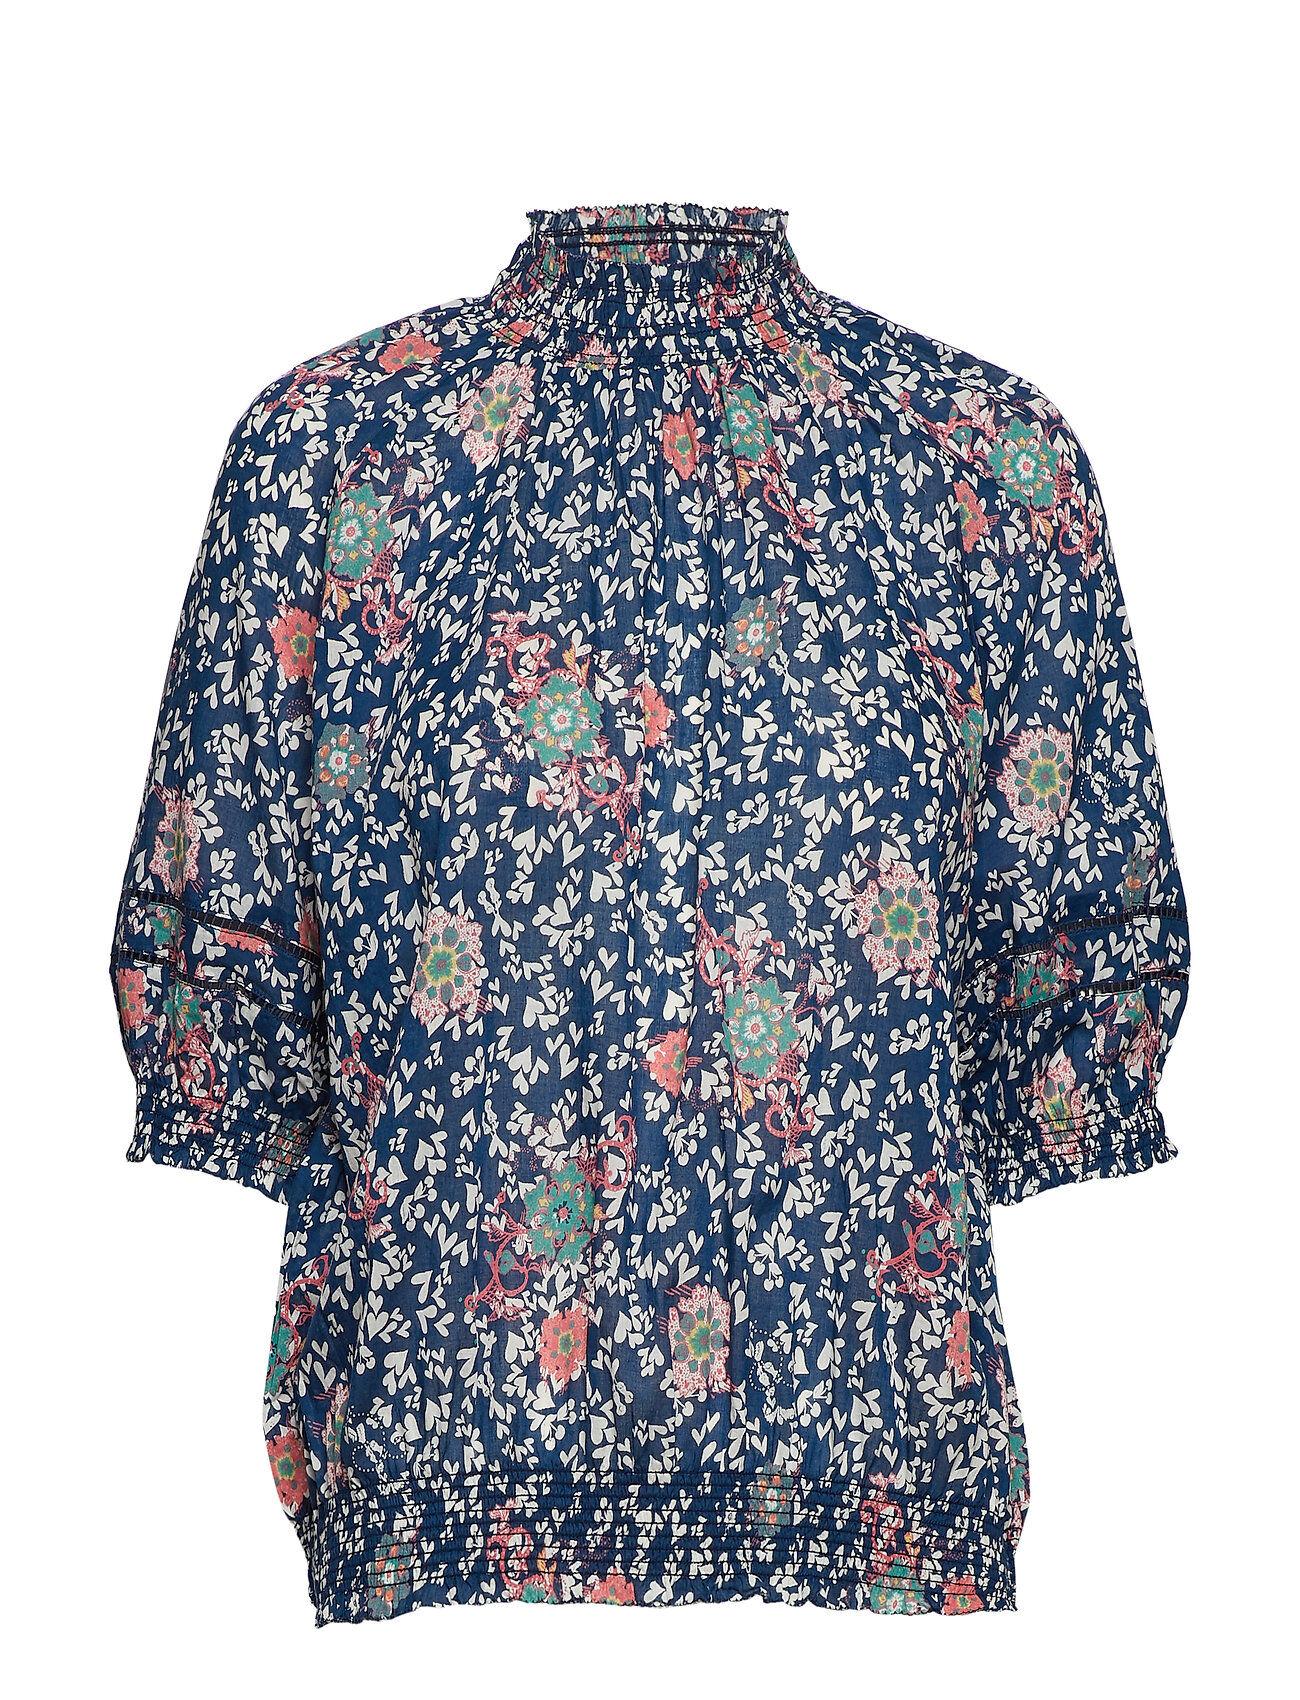 Image of ODD MOLLY Lush Shake S/S Blouse Blouses Short-sleeved Monivärinen/Kuvioitu ODD MOLLY